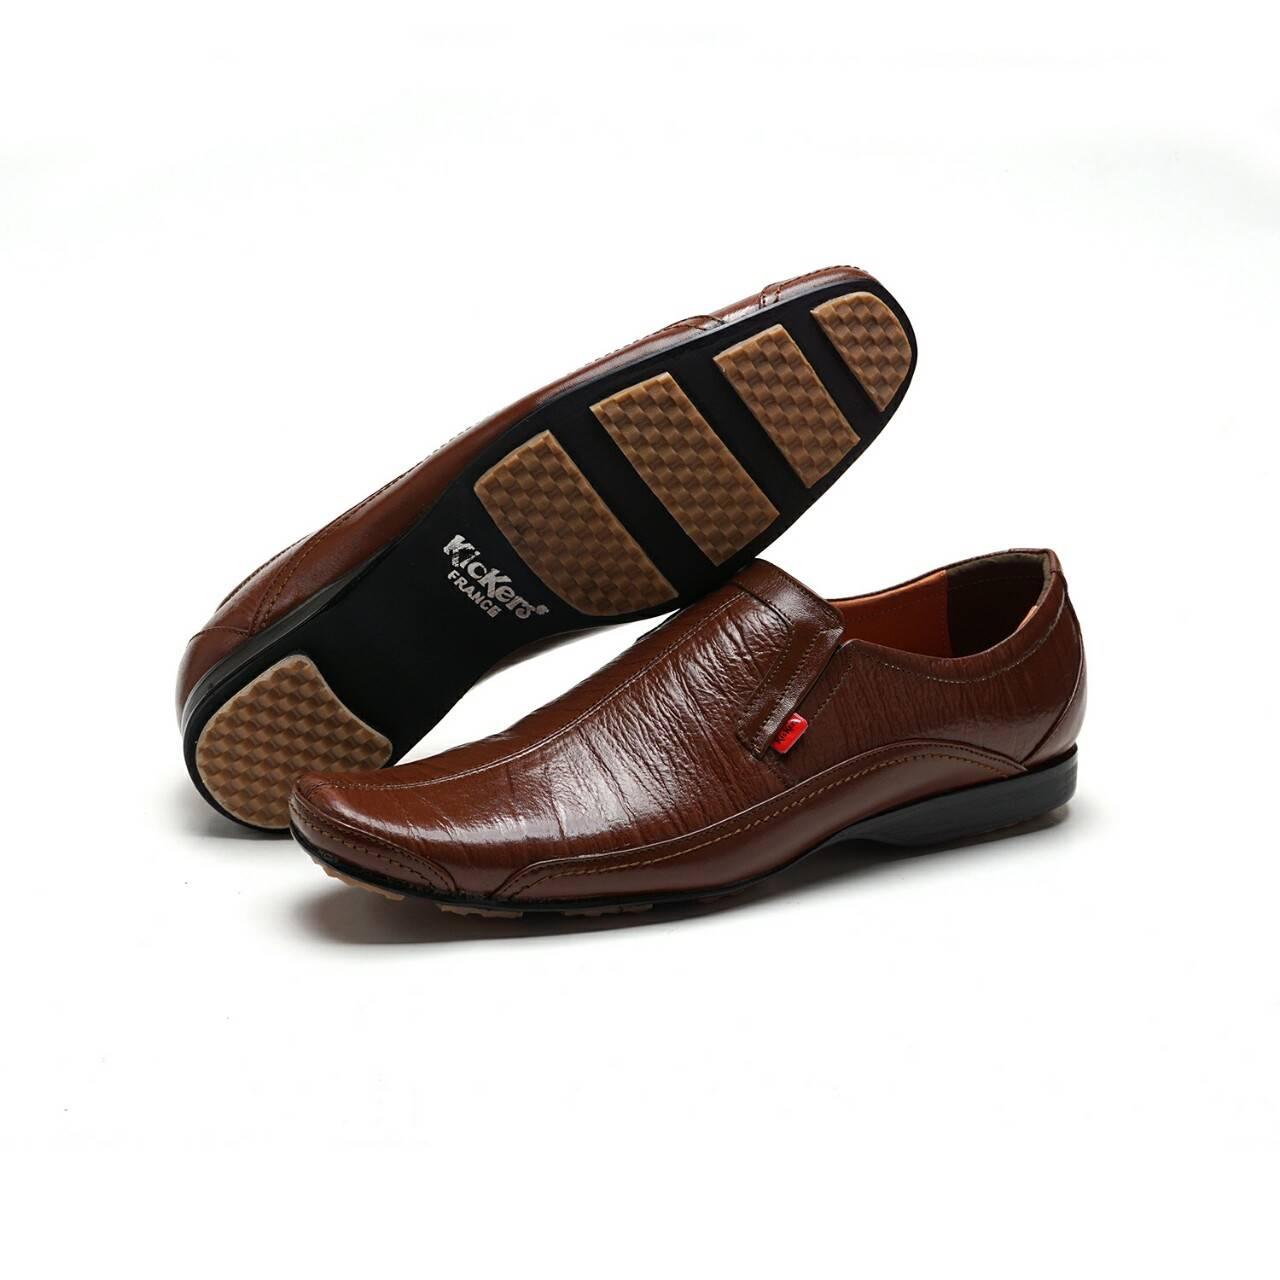 Sepatu Kerja Kantor Pria Kickers Pantofel Semi Kulit Swedia